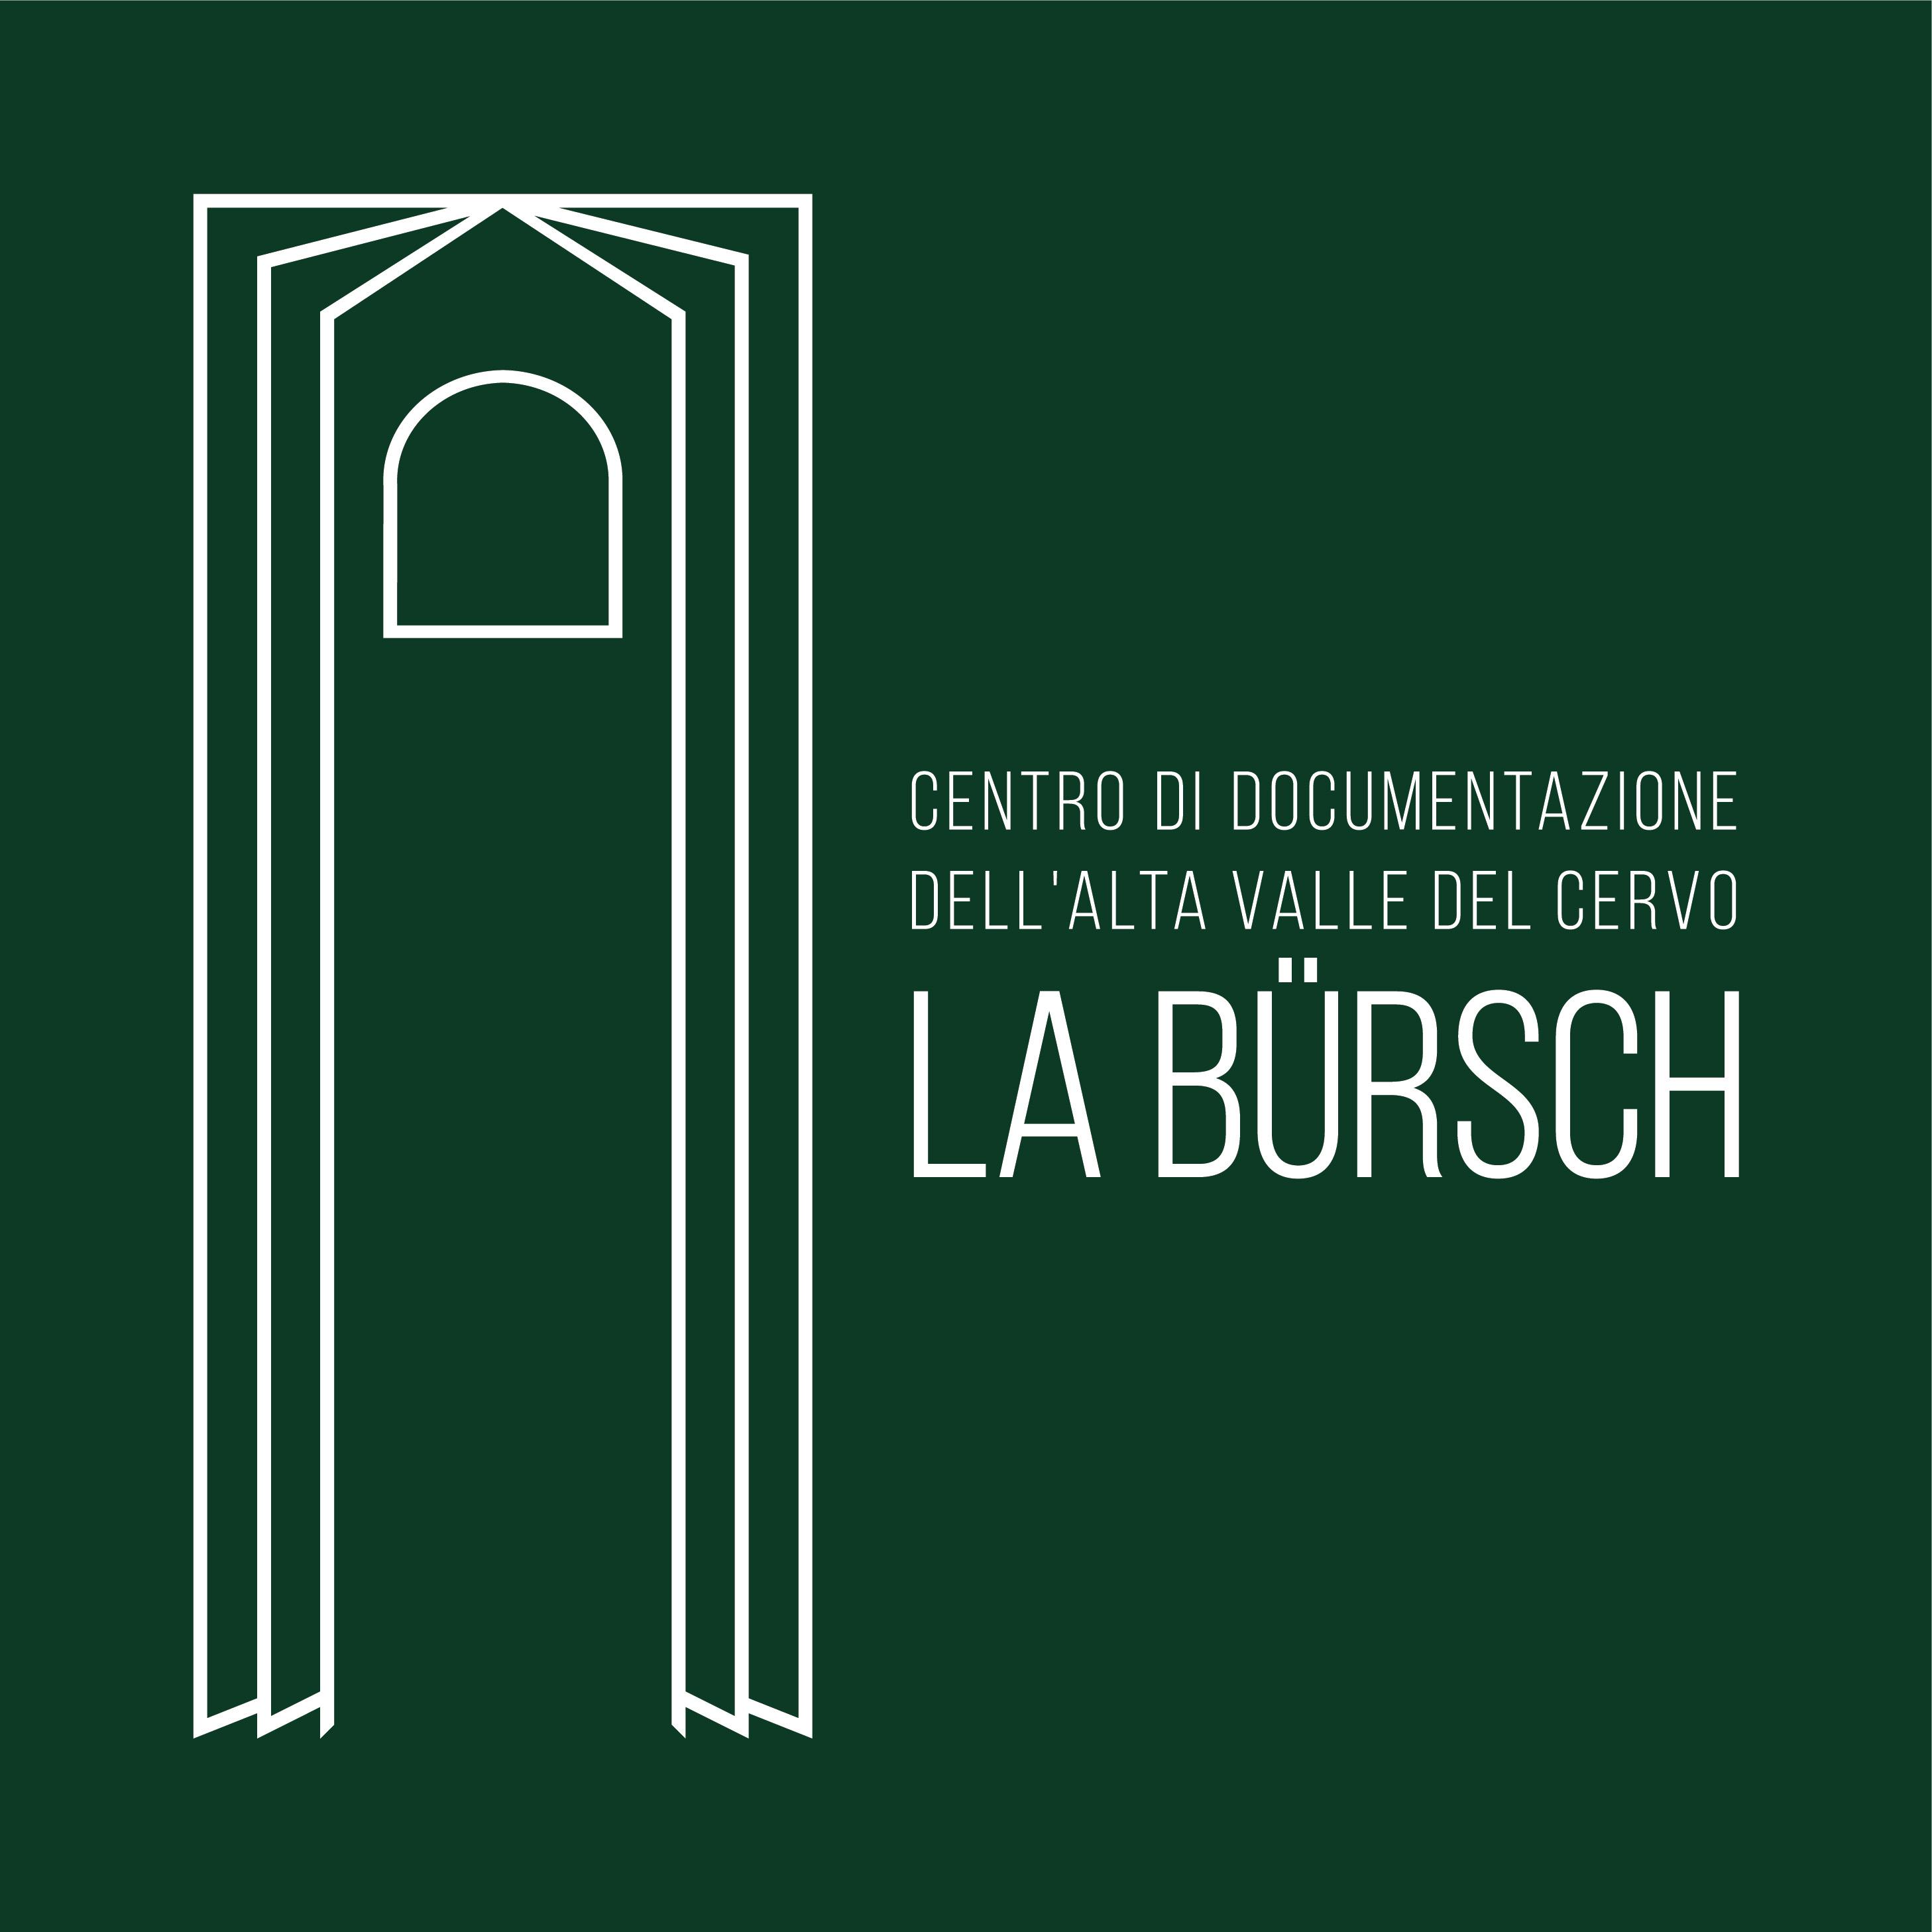 Centro di Documentazione dell'Alta Valle del Cervo - La Bürsch